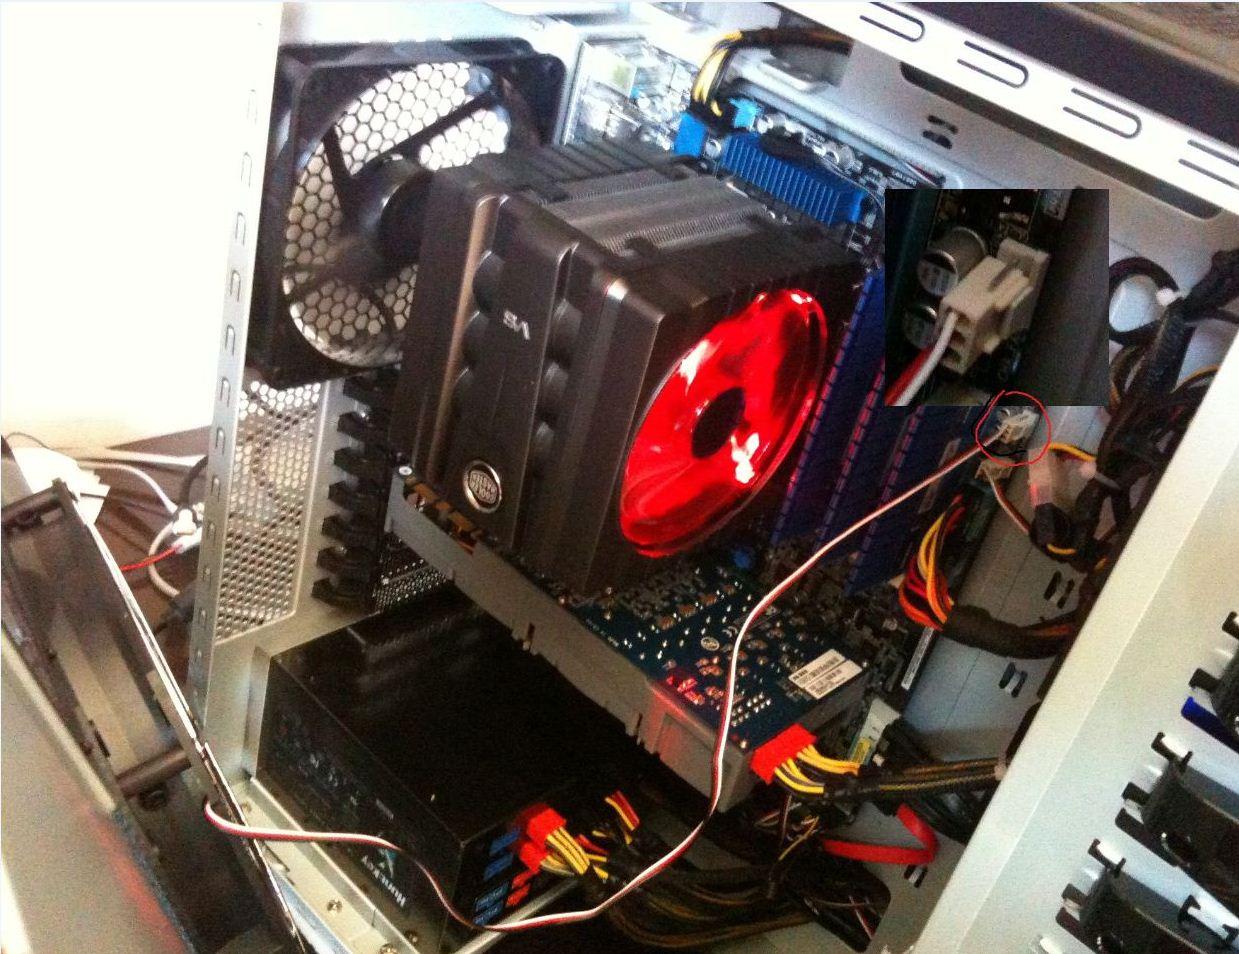 超频3风扇安装图解_机箱风扇排行-机箱风扇哪个牌子好-台式电脑机箱风扇-机箱风扇 ...